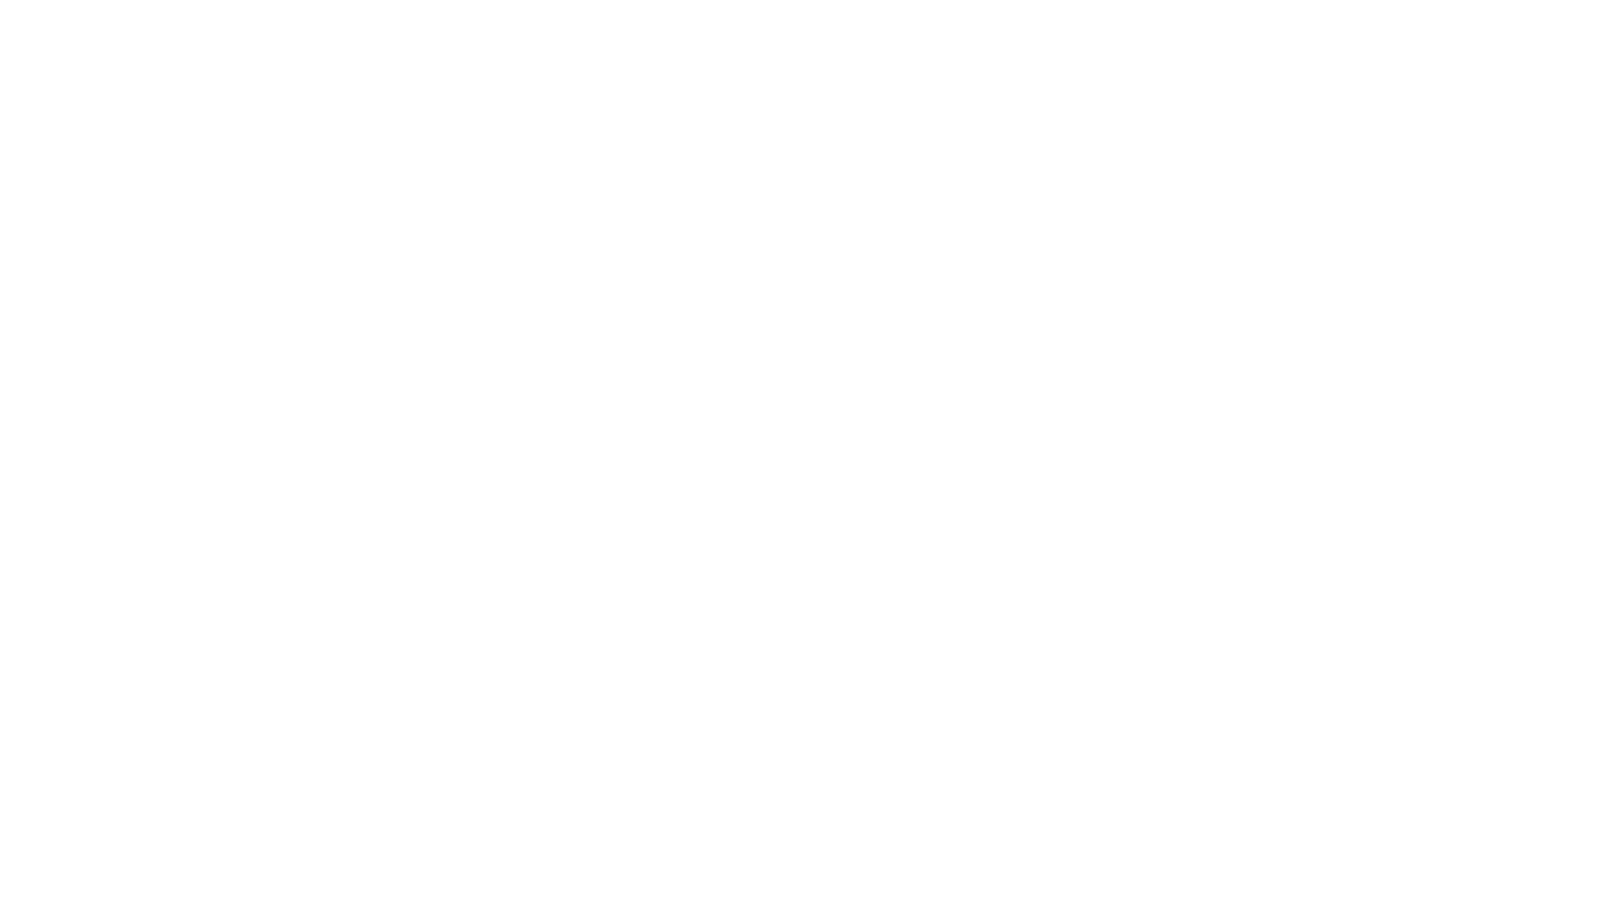 La vibración modular de la #NOVABLOC consiste en dos ejes vibrantes sincronizados unidireccionalmente. Cada uno de ellos lleva a la vez dos masas excéntricas que, a plena carga y a velocidad sin parar, se suman o se compensan. Algo que consigue vibrar o no, con el motor siempre en funcionamiento. #concreto #bloquesdeconcreto #adoquin #prefabricados #Poyatos #GrupoEE